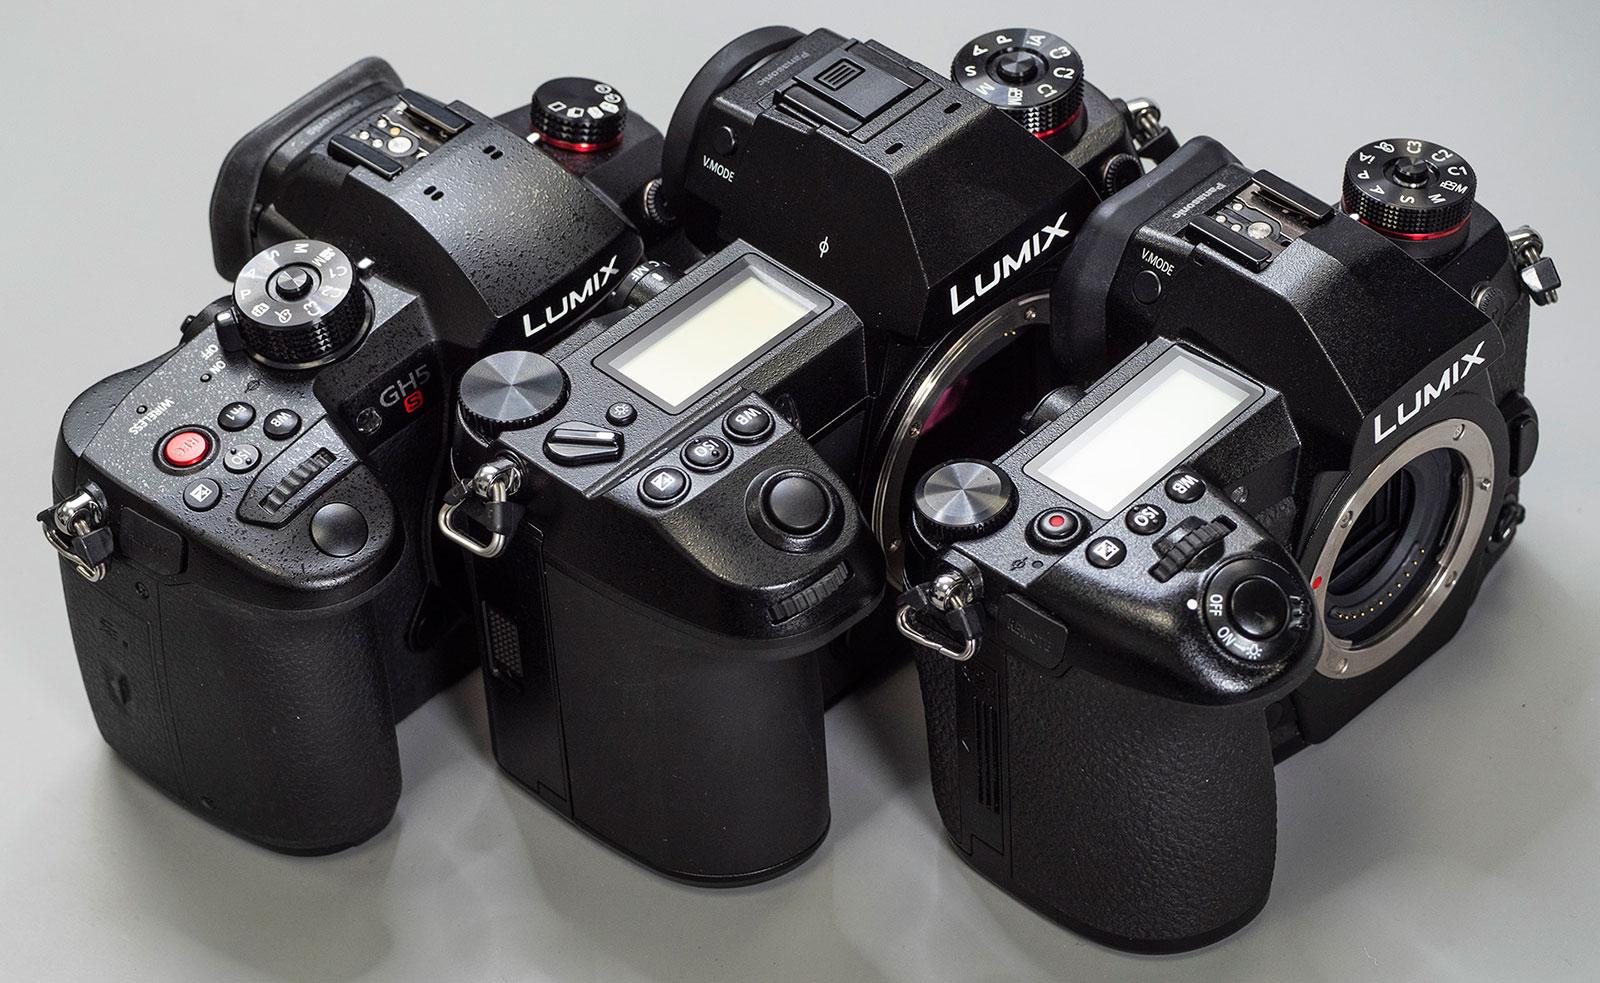 Сравнение габаритов Panasonic Lumix GH5s, S1R и G9